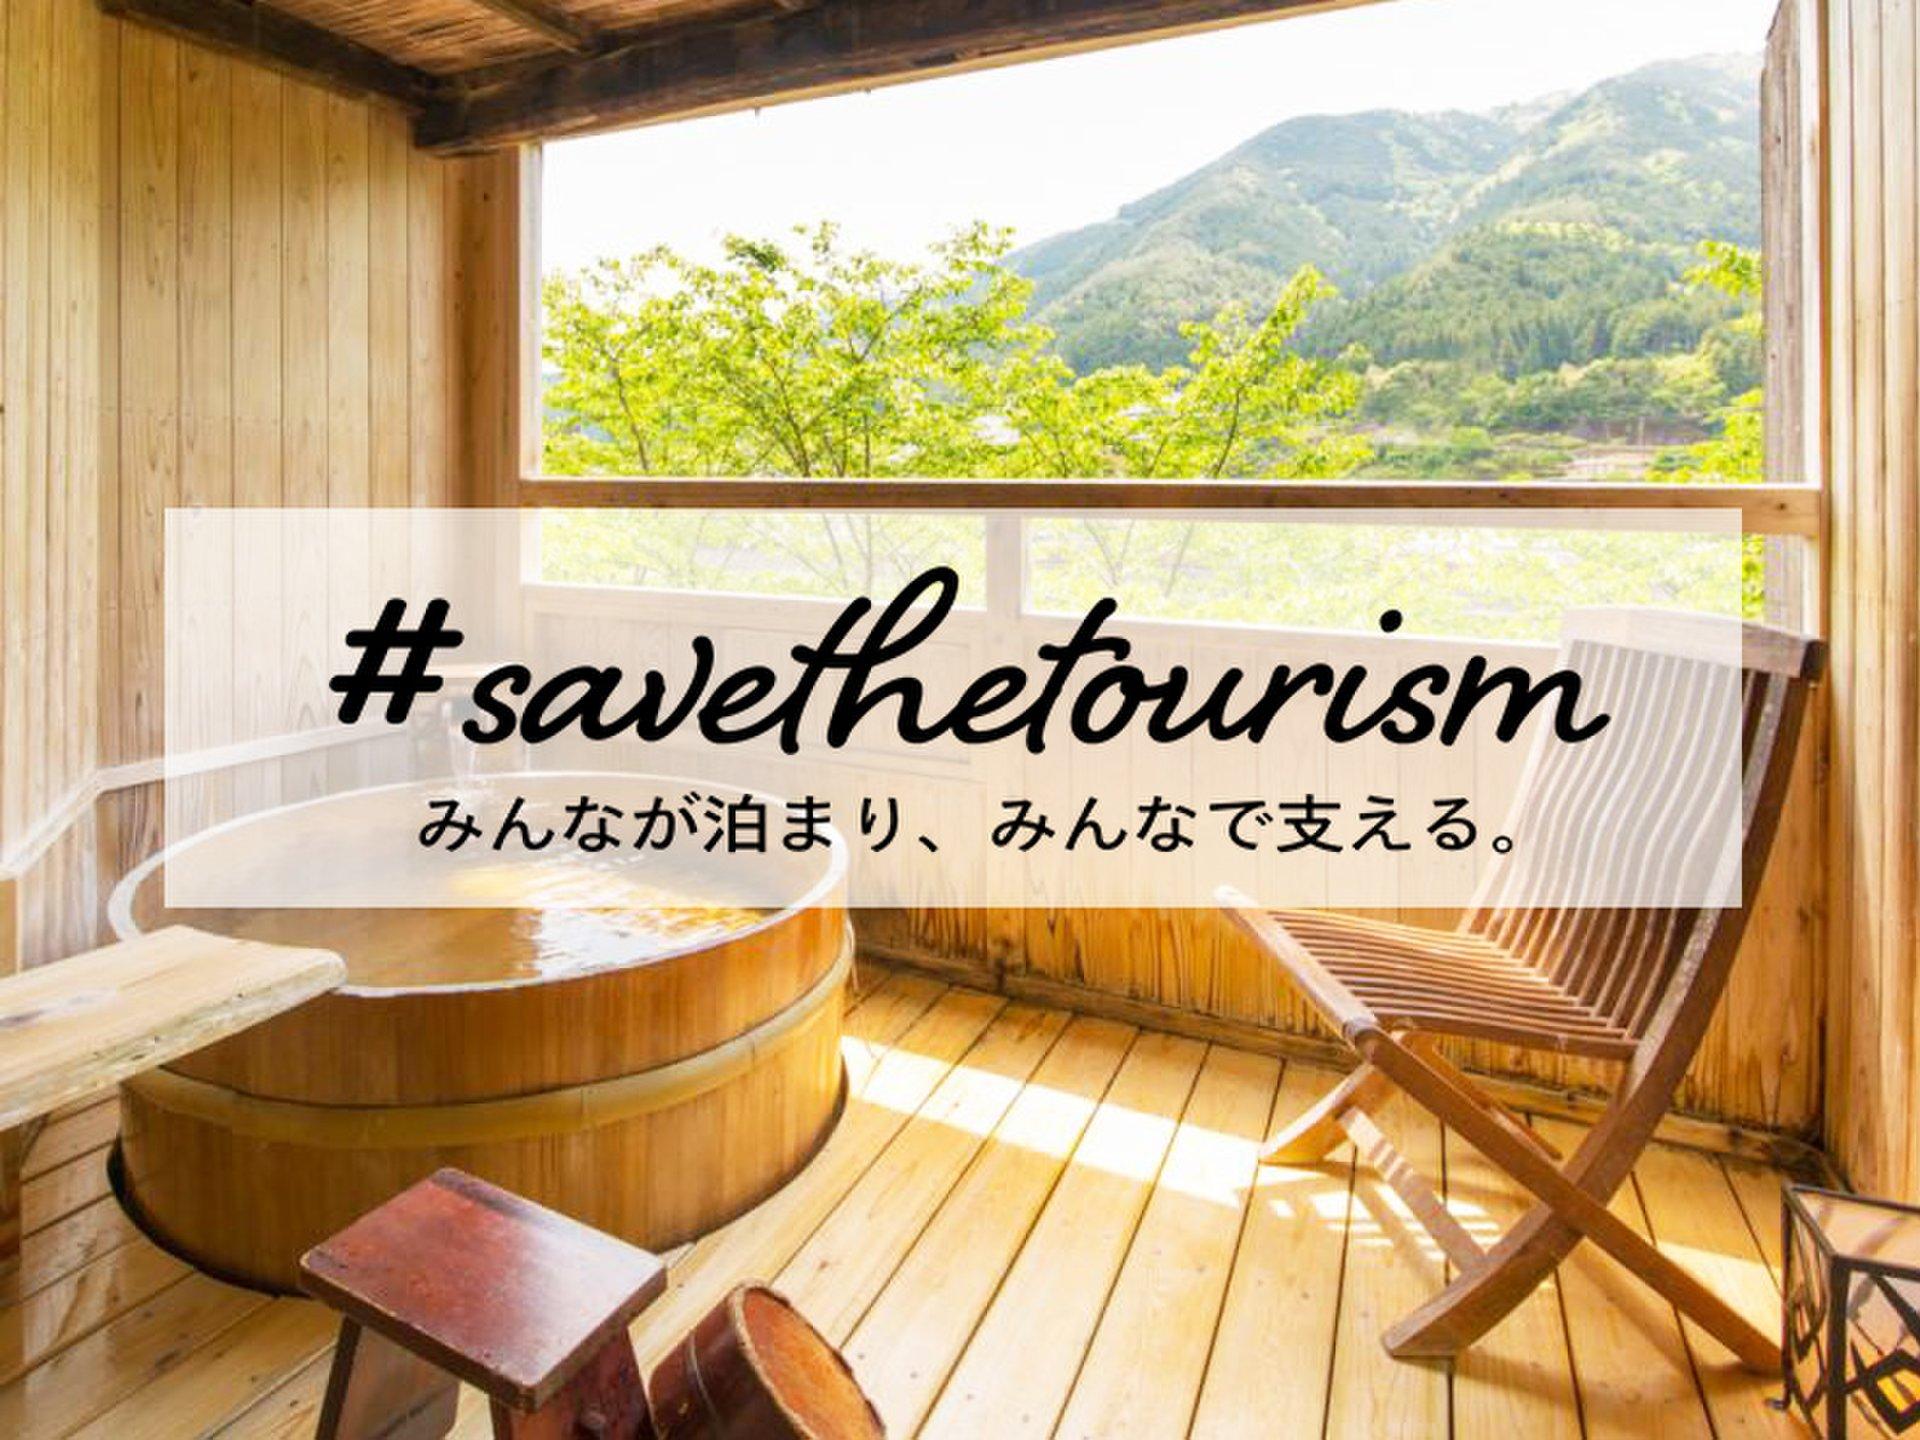 東海地方の自然に囲まれたお宿 「#savethetourism」で支援しよう